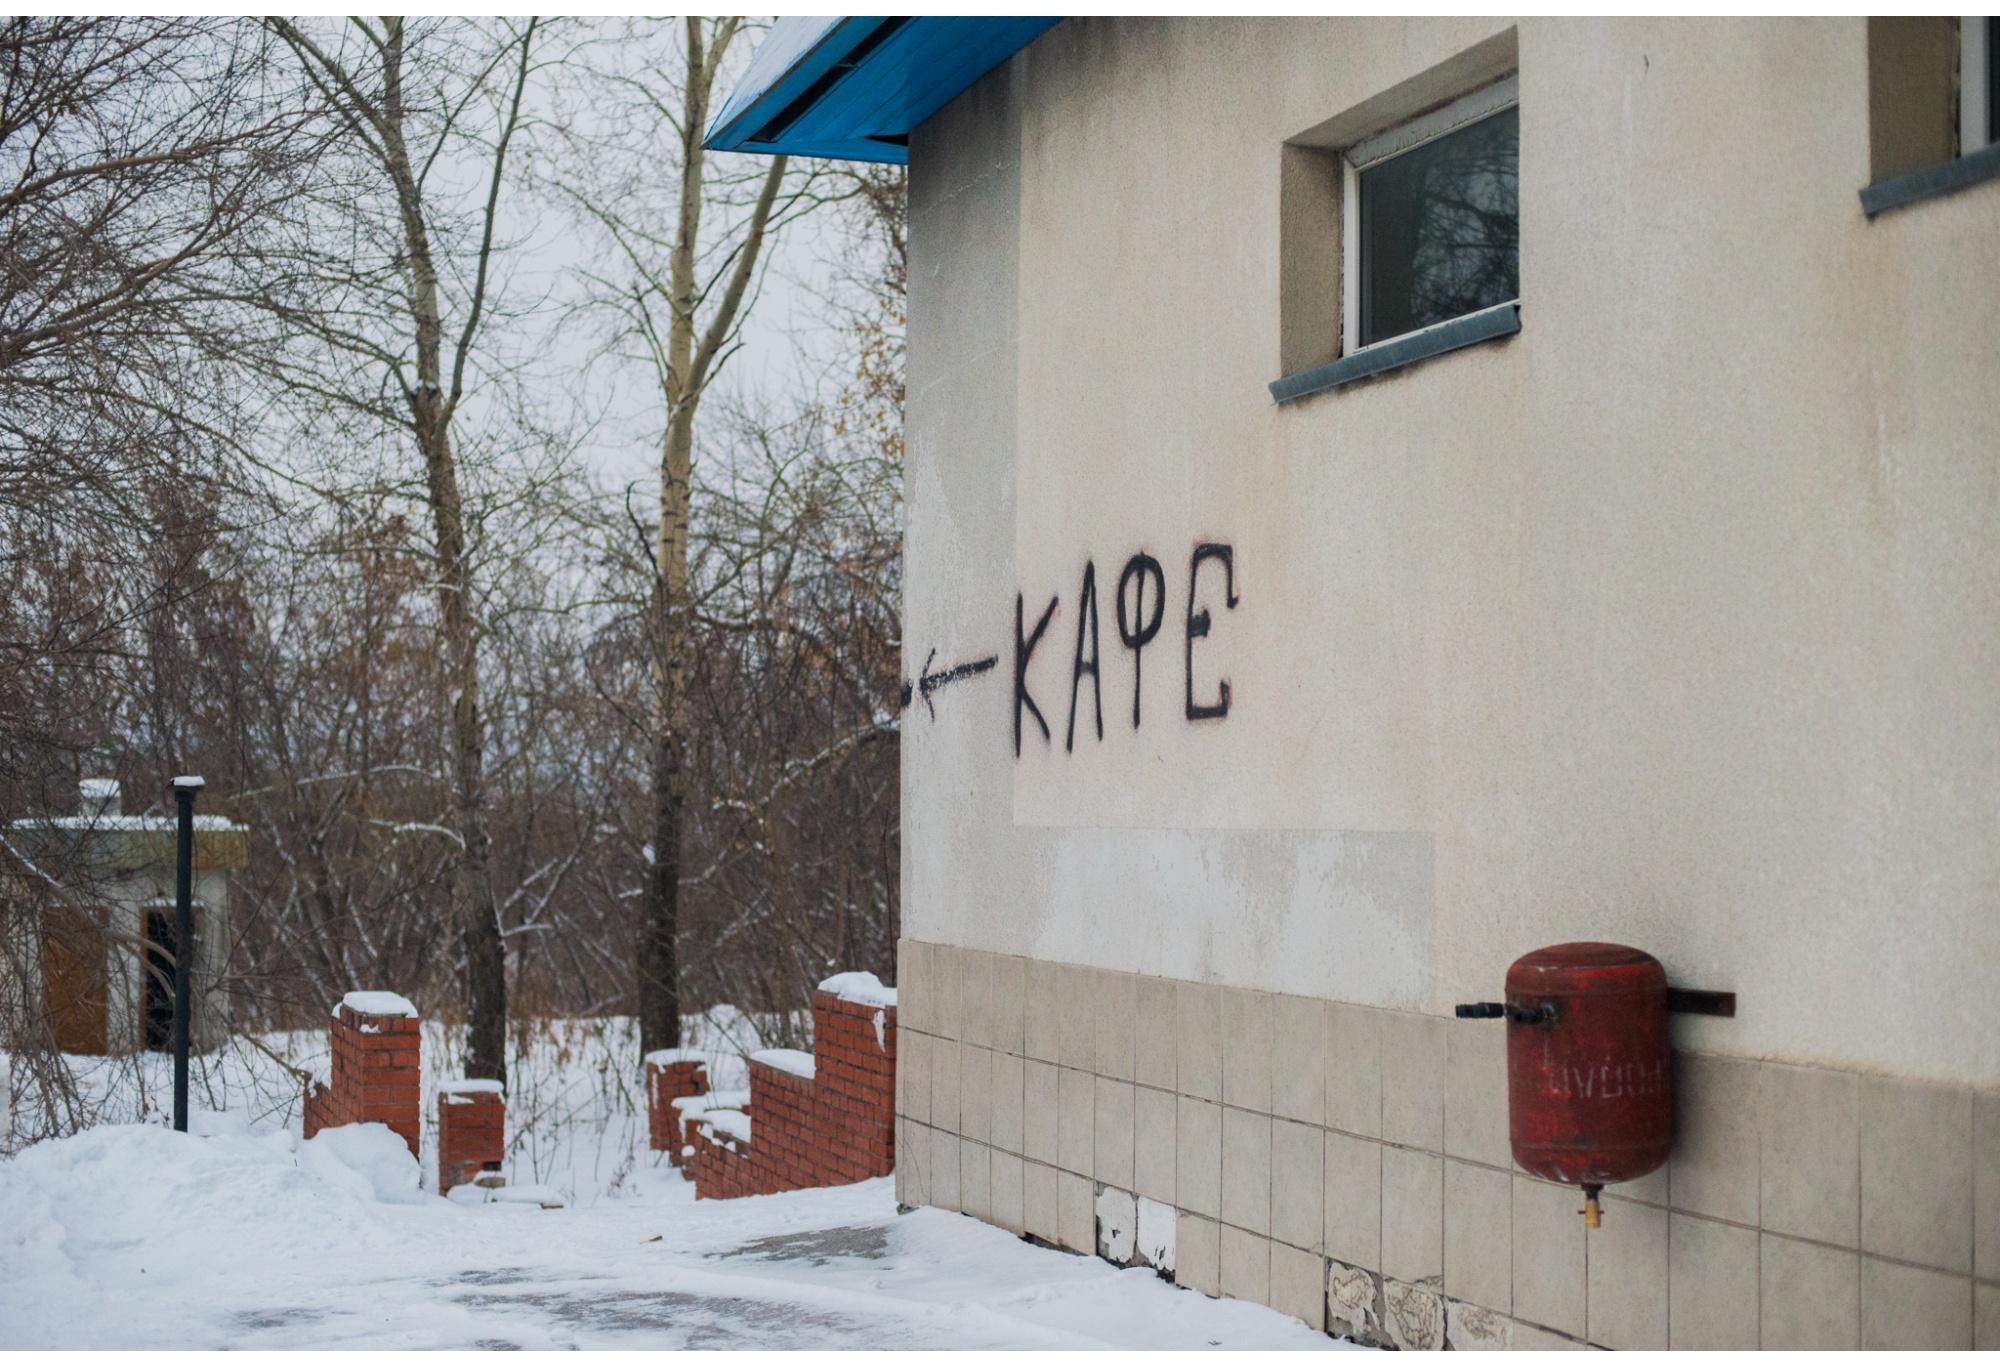 На стенах бывшего стационарного поста можно заметить указатель к несуществующему кафе